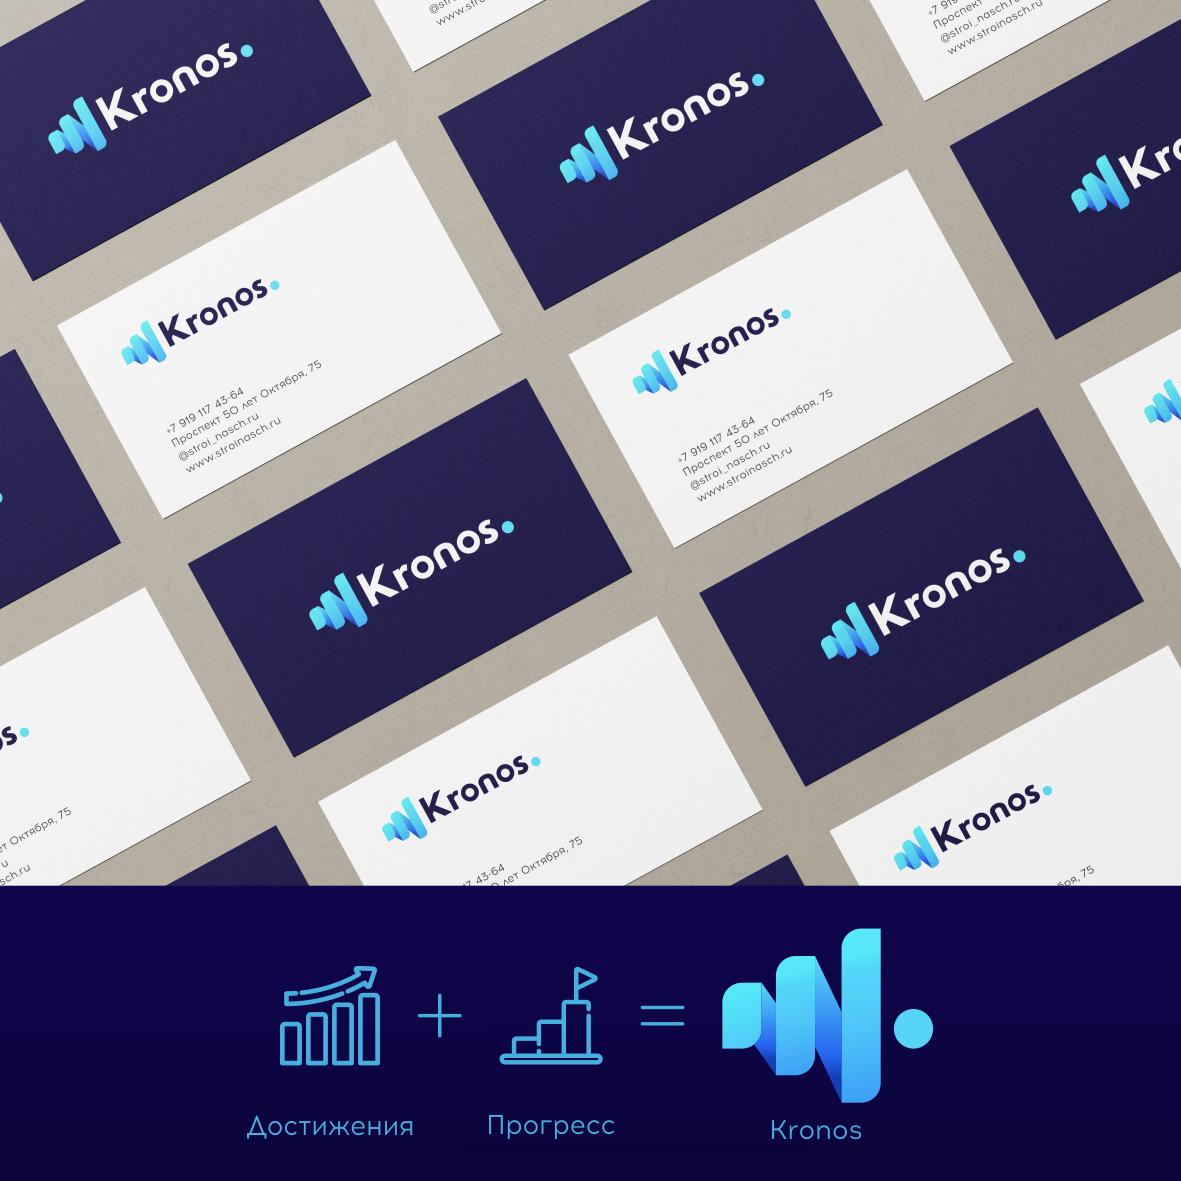 Разработать логотип KRONOS фото f_8425fb21898aed3e.png